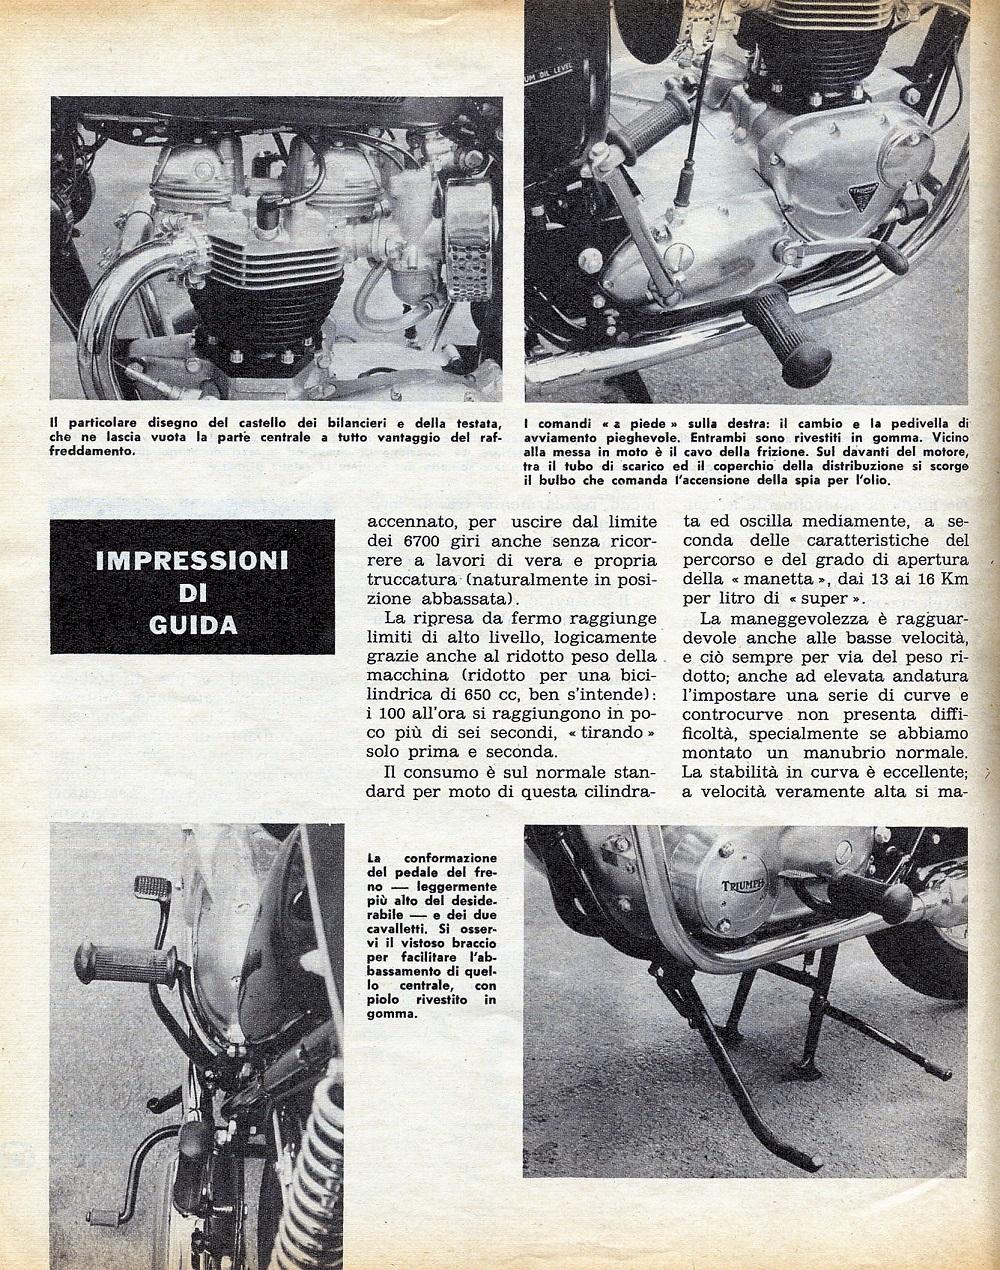 1969 Triumph Bonneville road test. 9.jpg